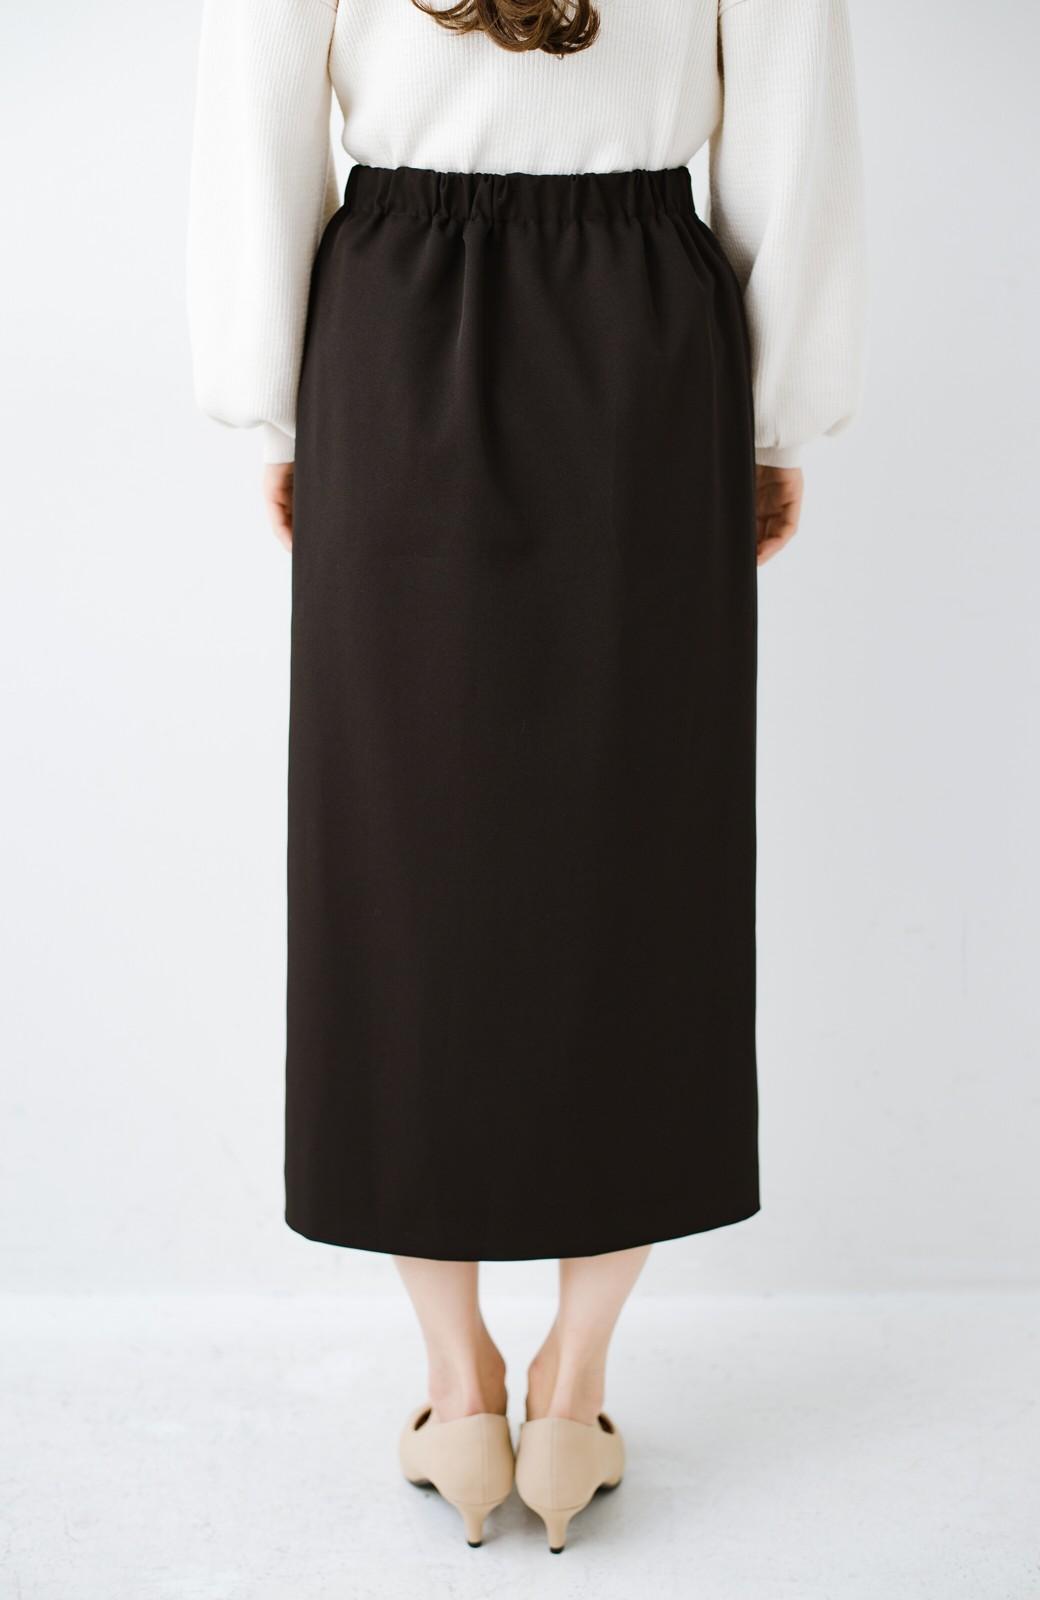 haco! いざというとき困らないための 大人のフォーマルジャケット・スカート2点セット by que made me <ブラック>の商品写真29